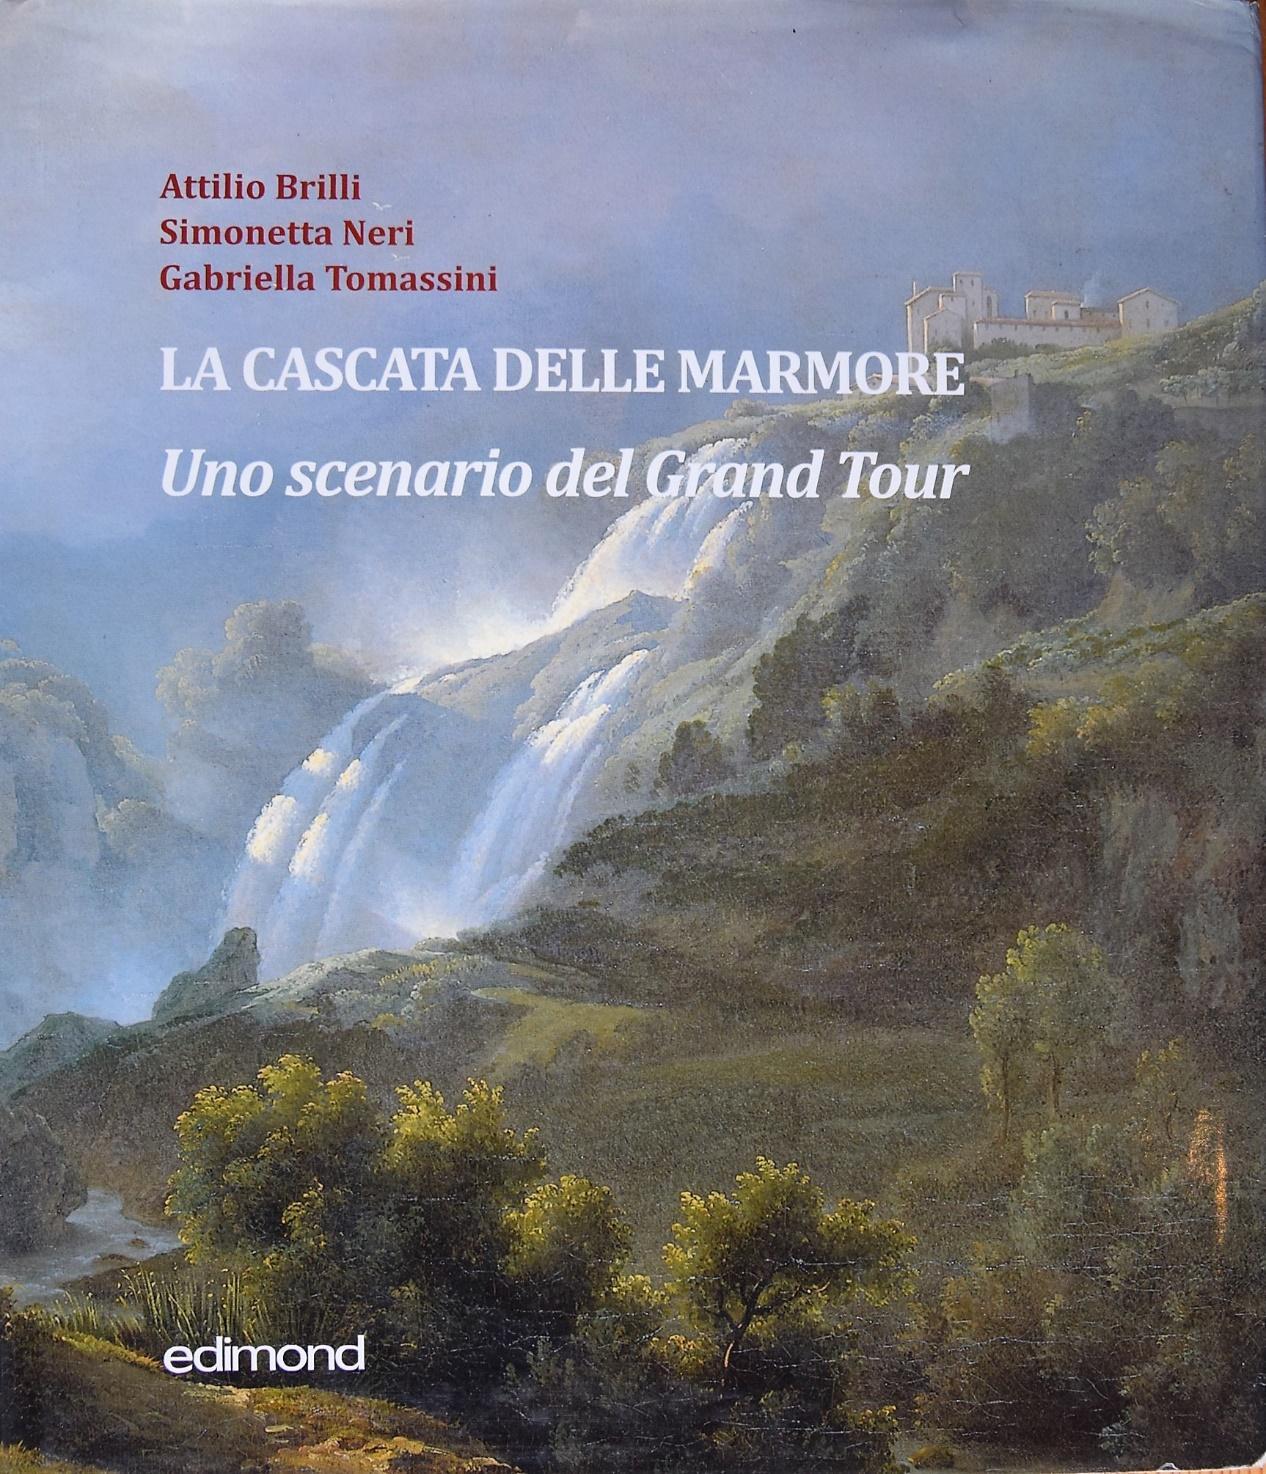 Attilio Brilli, Simonetta Neri, Gabriella Tomassini